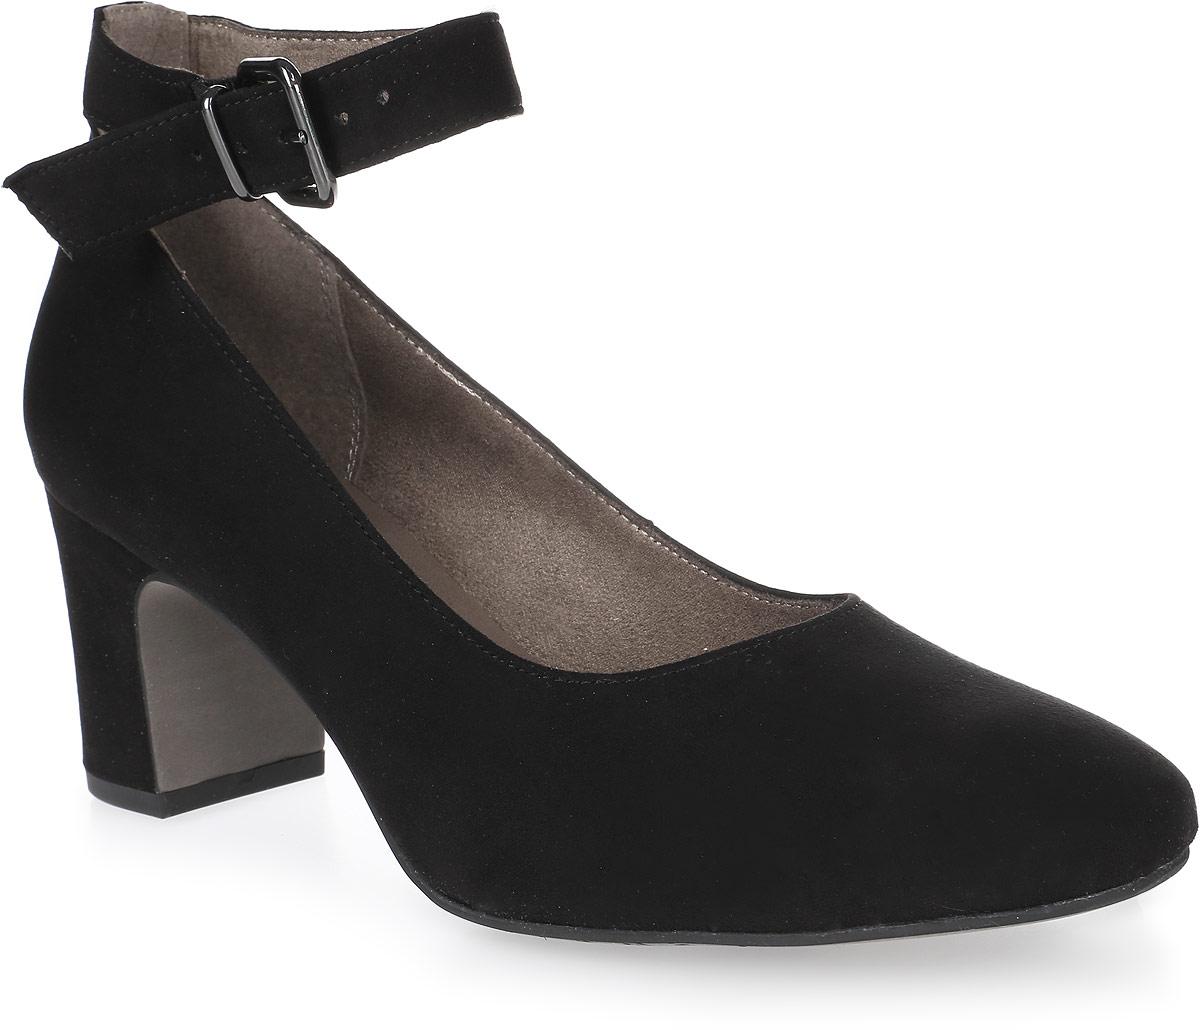 Туфли женские Tamaris, цвет: черный. 1-1-24431-38-001/225. Размер 401-1-24431-38-001/225Стильные туфли от Tamaris - незаменимая вещь в гардеробе каждой женщины. Модель выполнена из качественного текстиля. Ремешок с металлической пряжкой надежно зафиксирует изделие на ноге. Длина ремешка регулируется за счет болта. Подкладка изготовлена из текстиля, стелька - из искусственной кожи. Толстый каблук устойчив. Роскошные туфли помогут вам создать незабываемый образ.